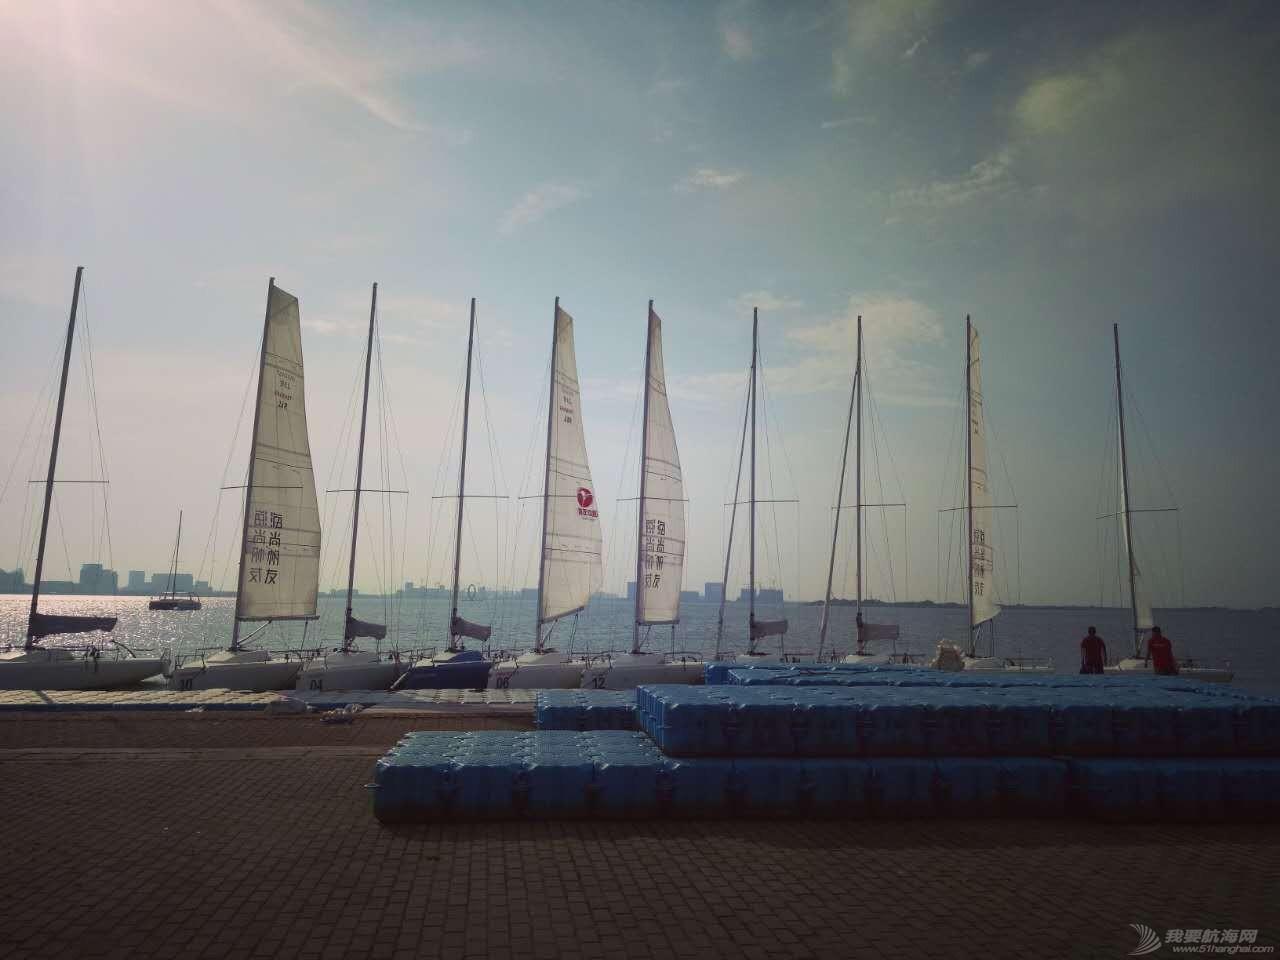 会员,联赛,我们,可惜,岸边 上海海尚帆友俱乐部会员联赛 珐伊23R就位 103901wfvklp5lrvf5xfbk